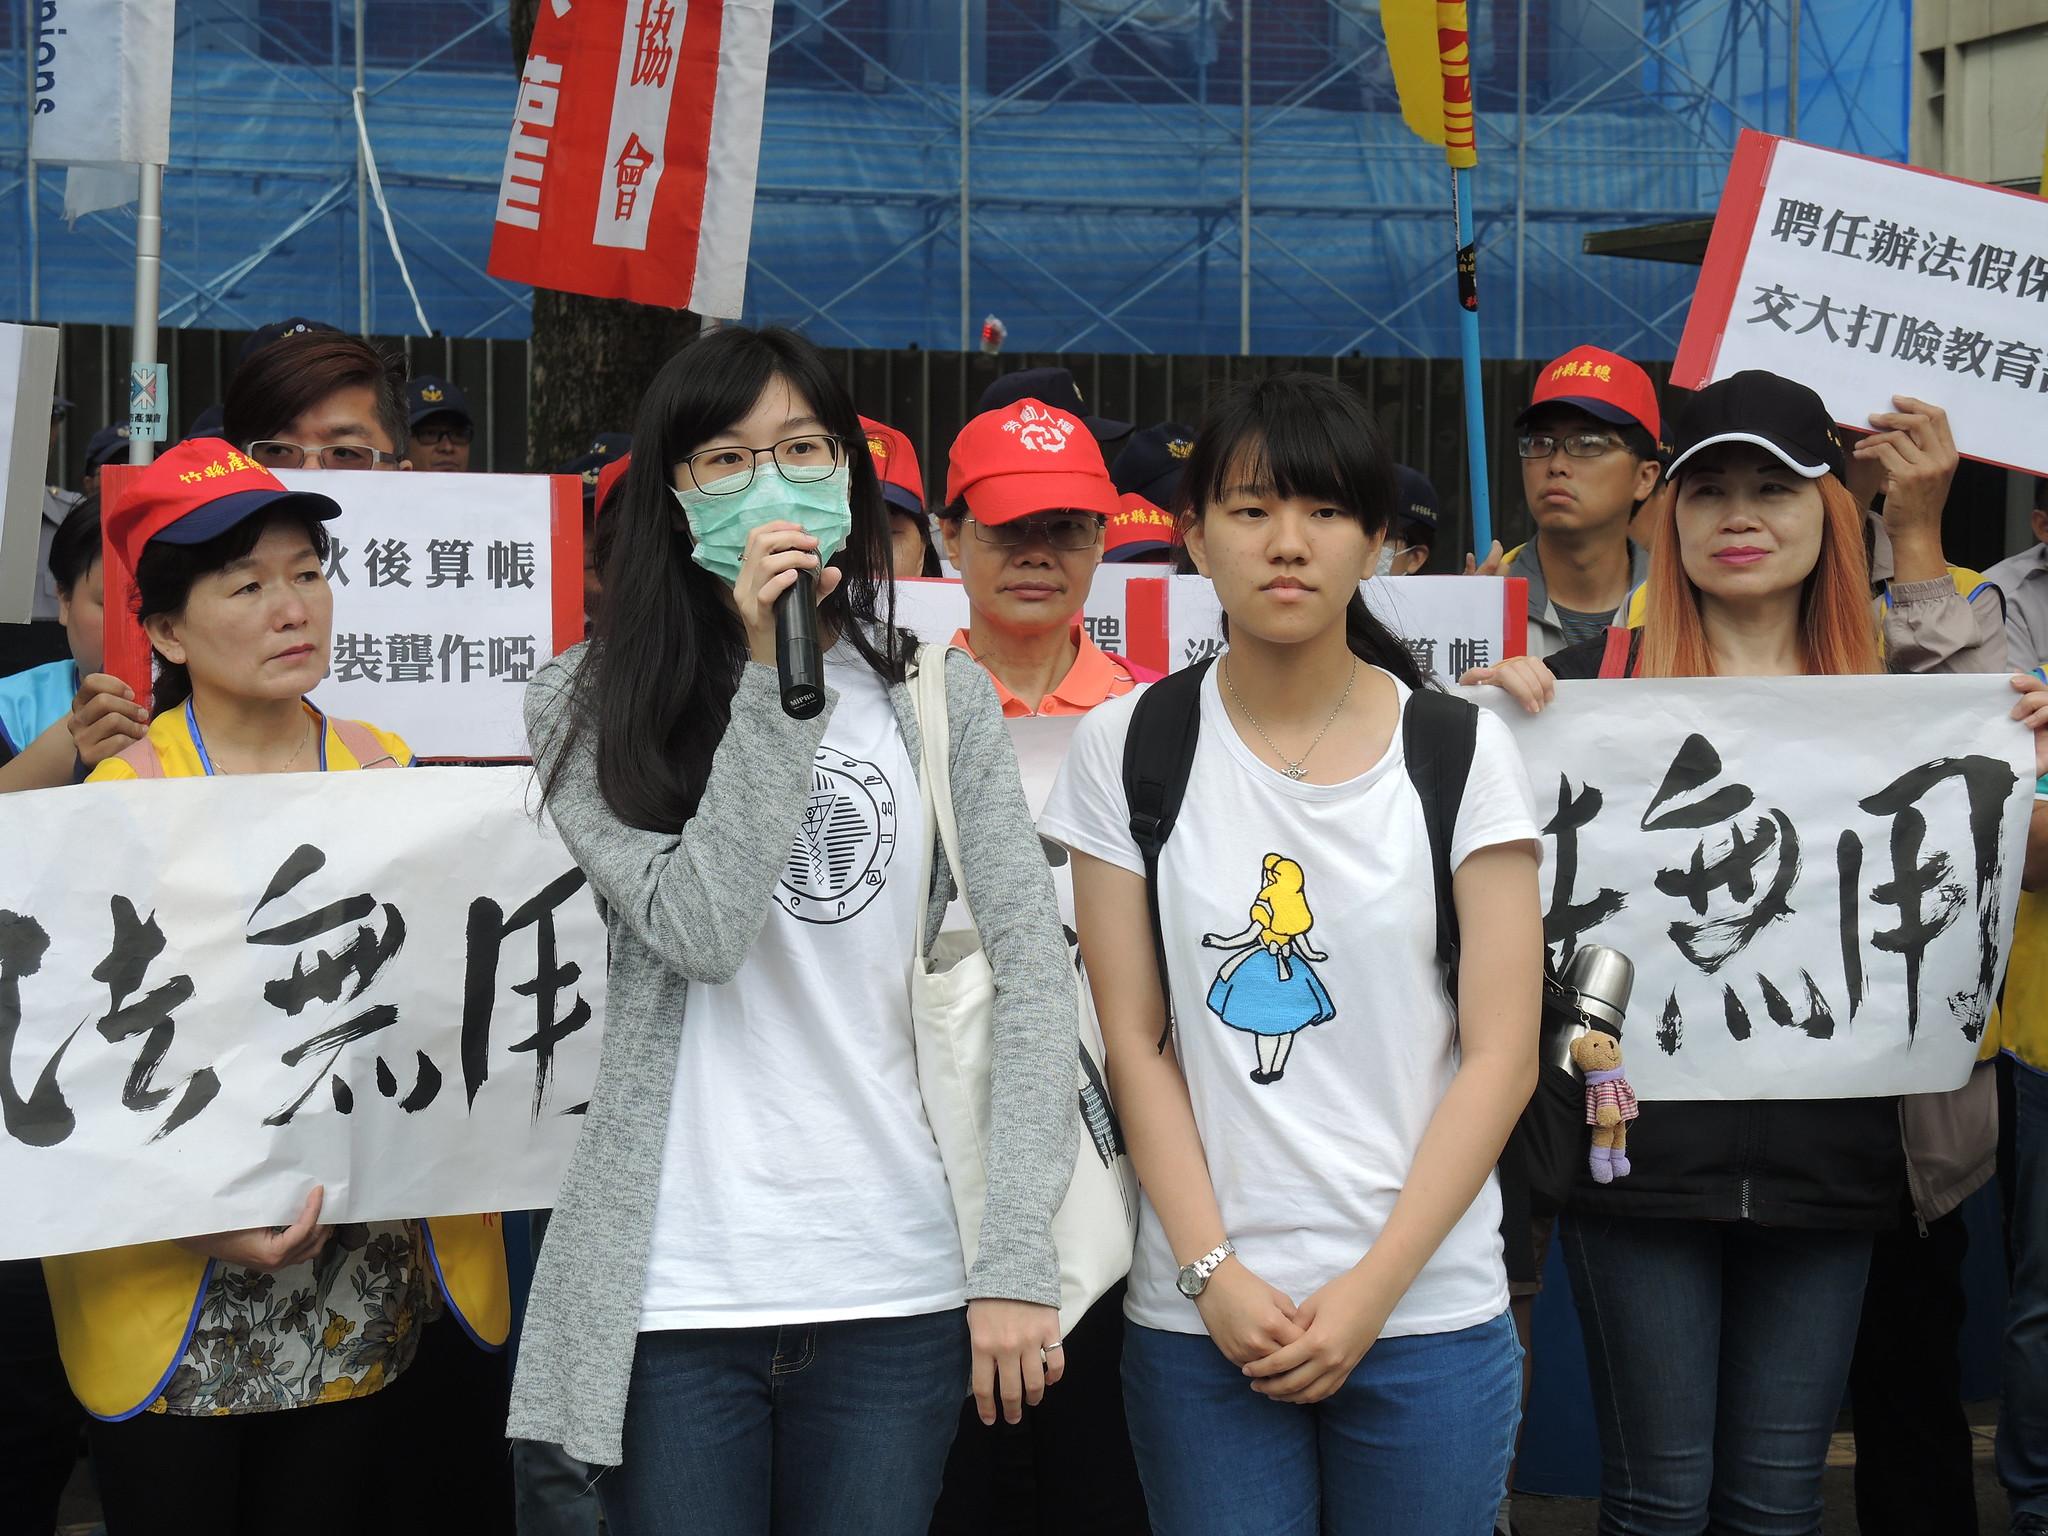 宋亞克老師課堂學生也來聲援,希望能有更良好的教學環境。(攝影:曾福全)